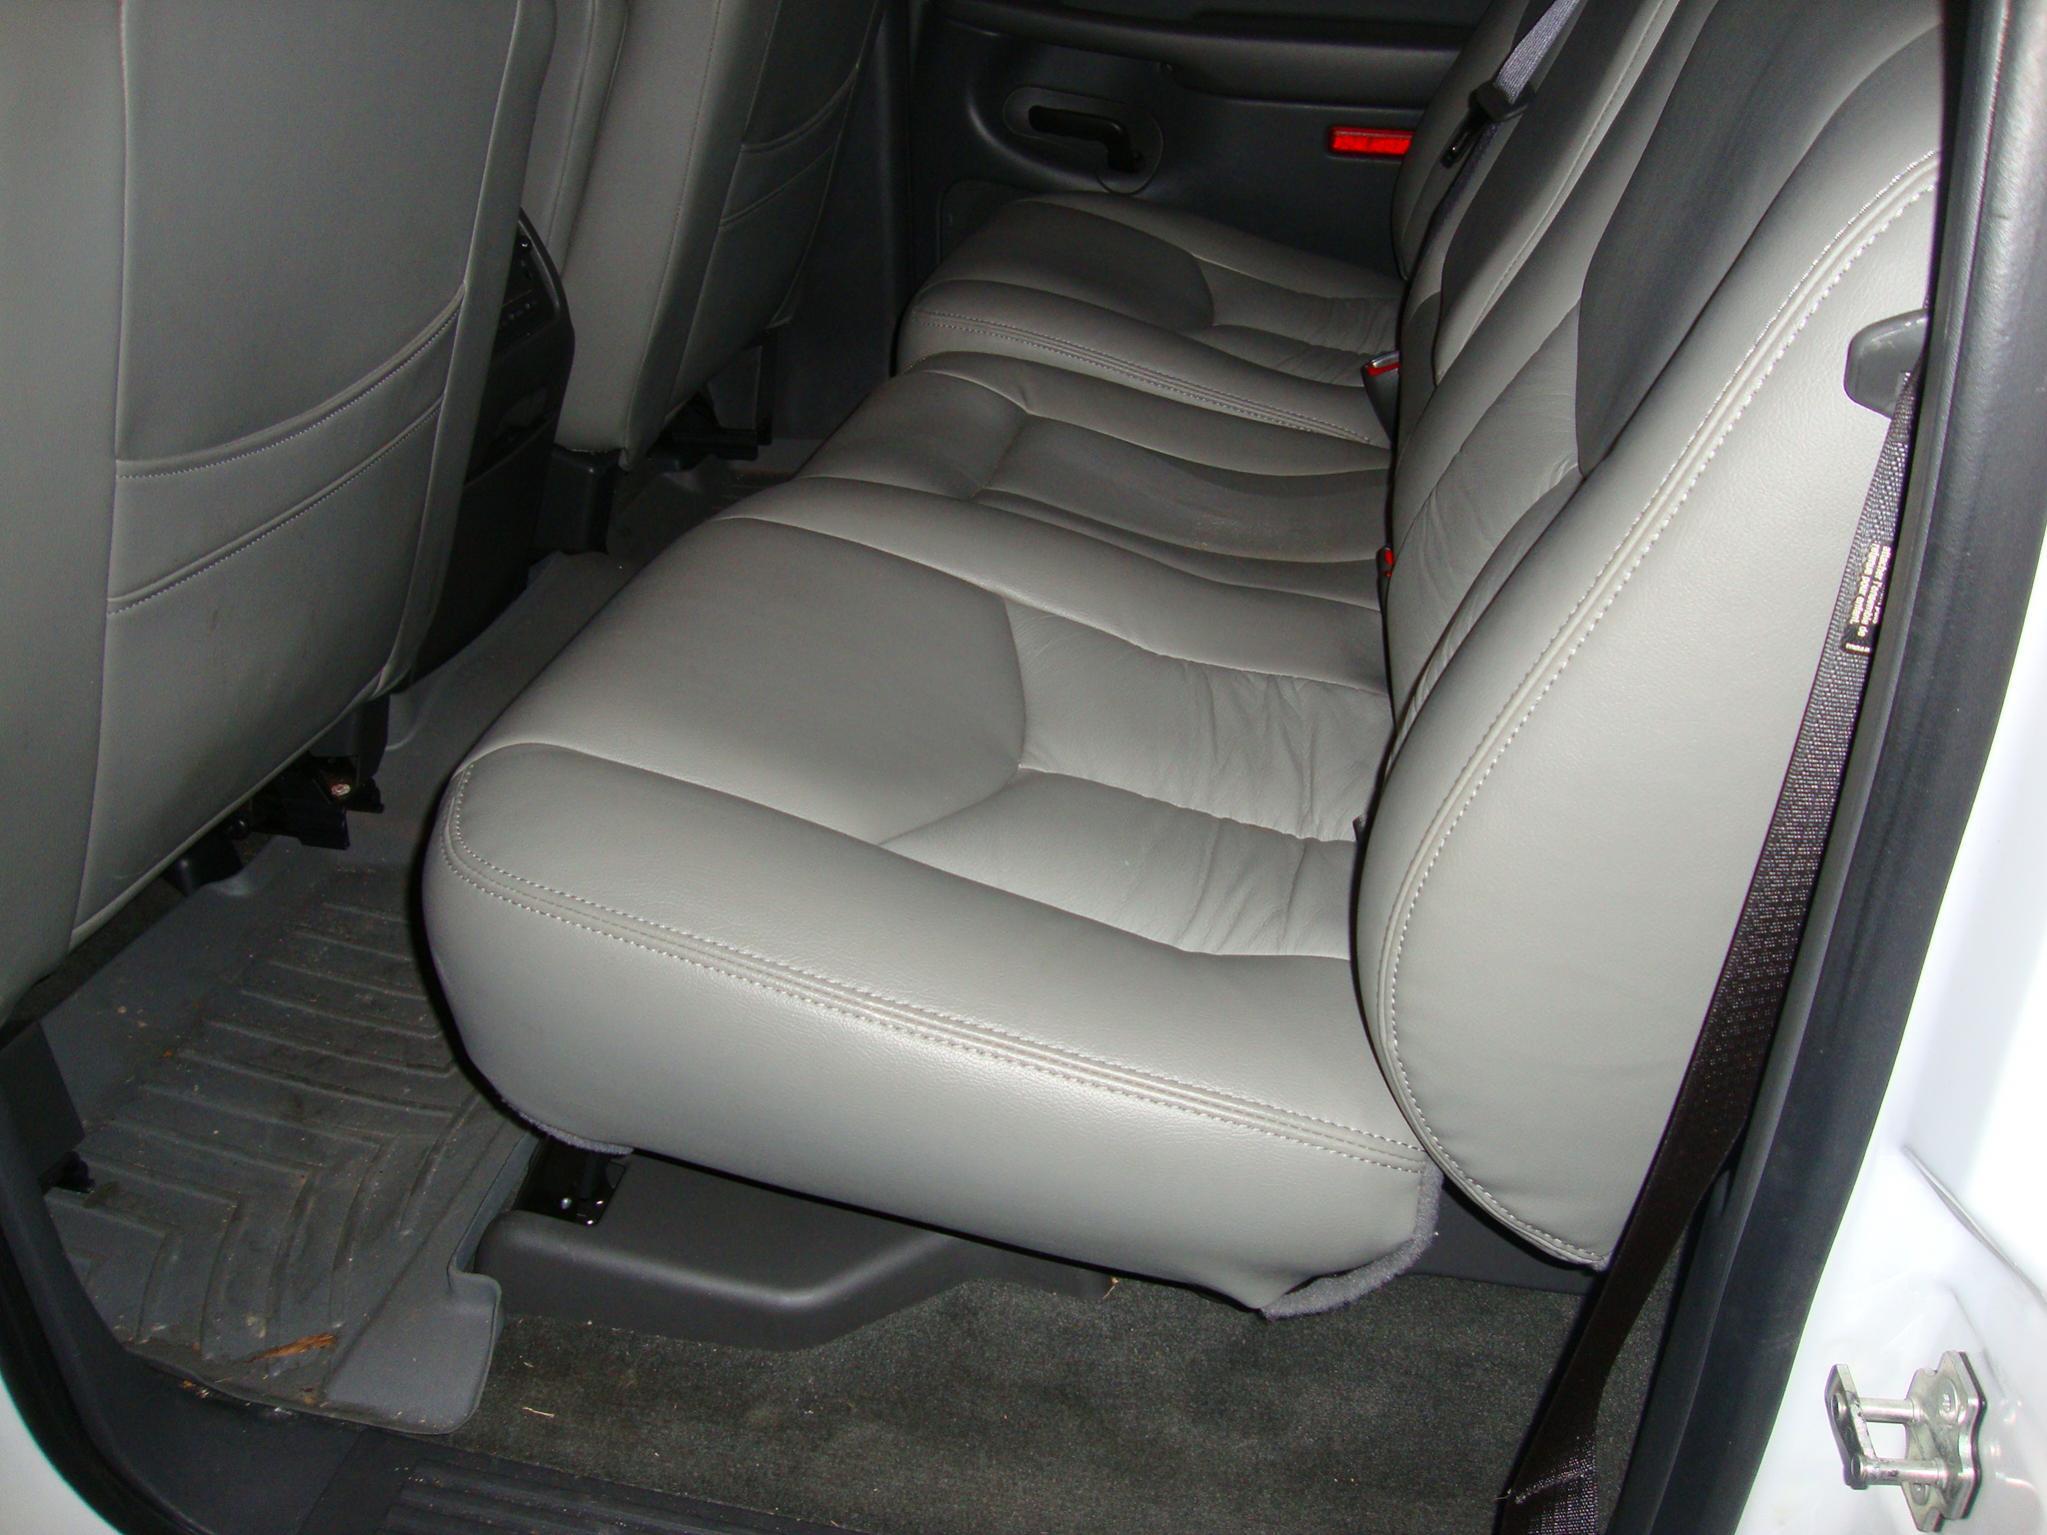 New Truck Safe-dsc01077.jpg